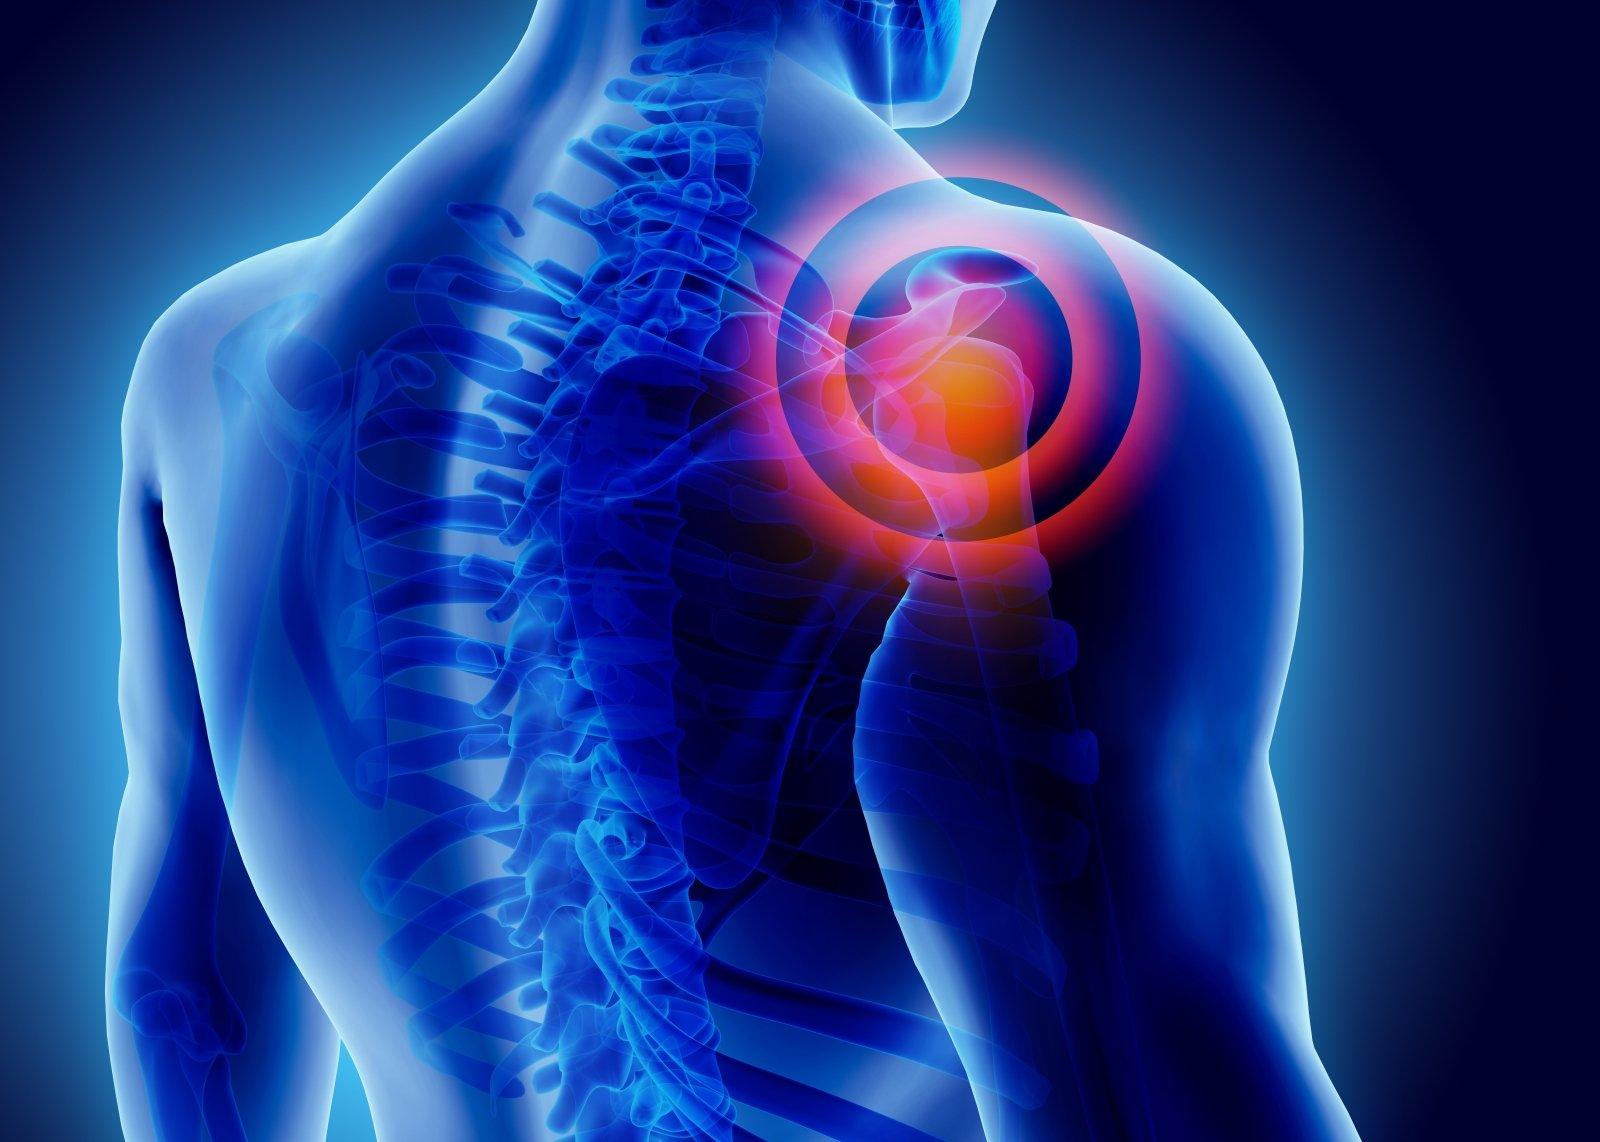 skausmas ir peties sąnario gydymas artrozės sąnarių jaws gydymas